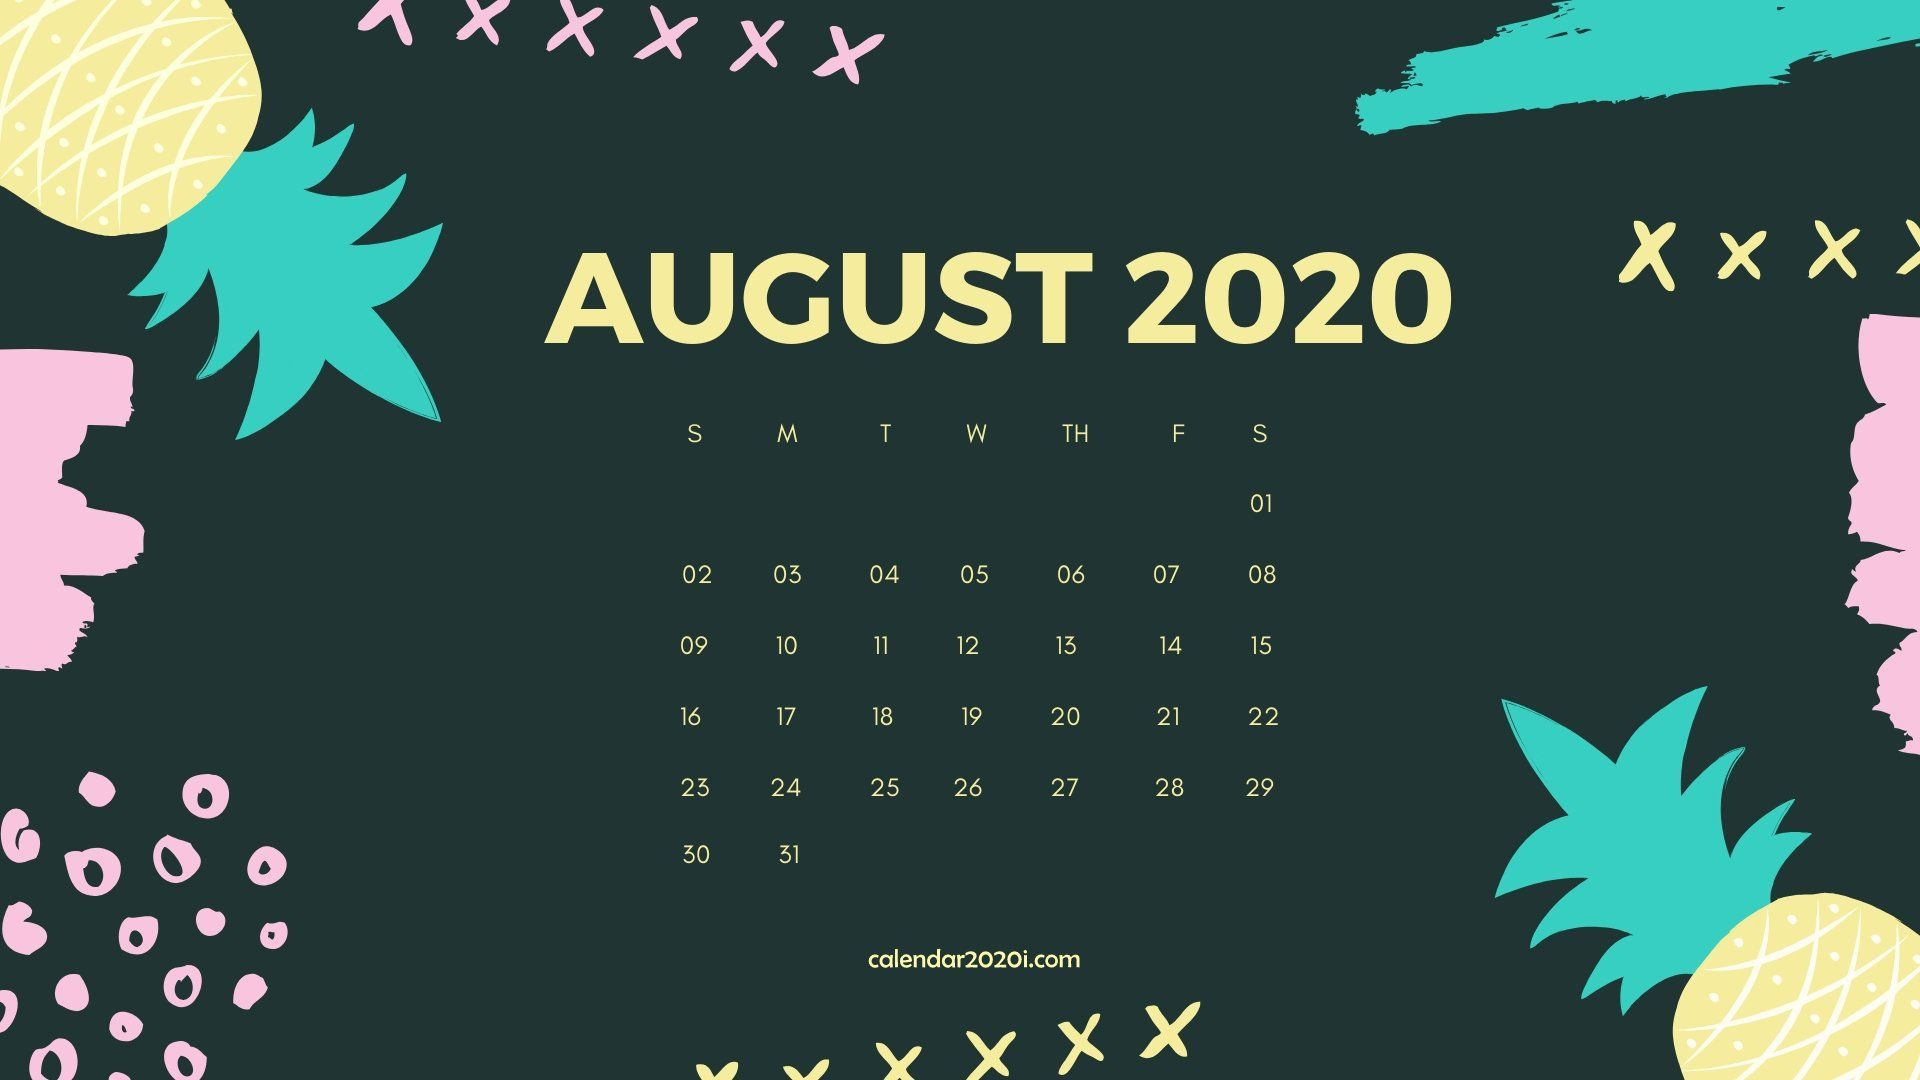 August 2020 Calendar Desktop Wallpaper August wallpaper 1920x1080